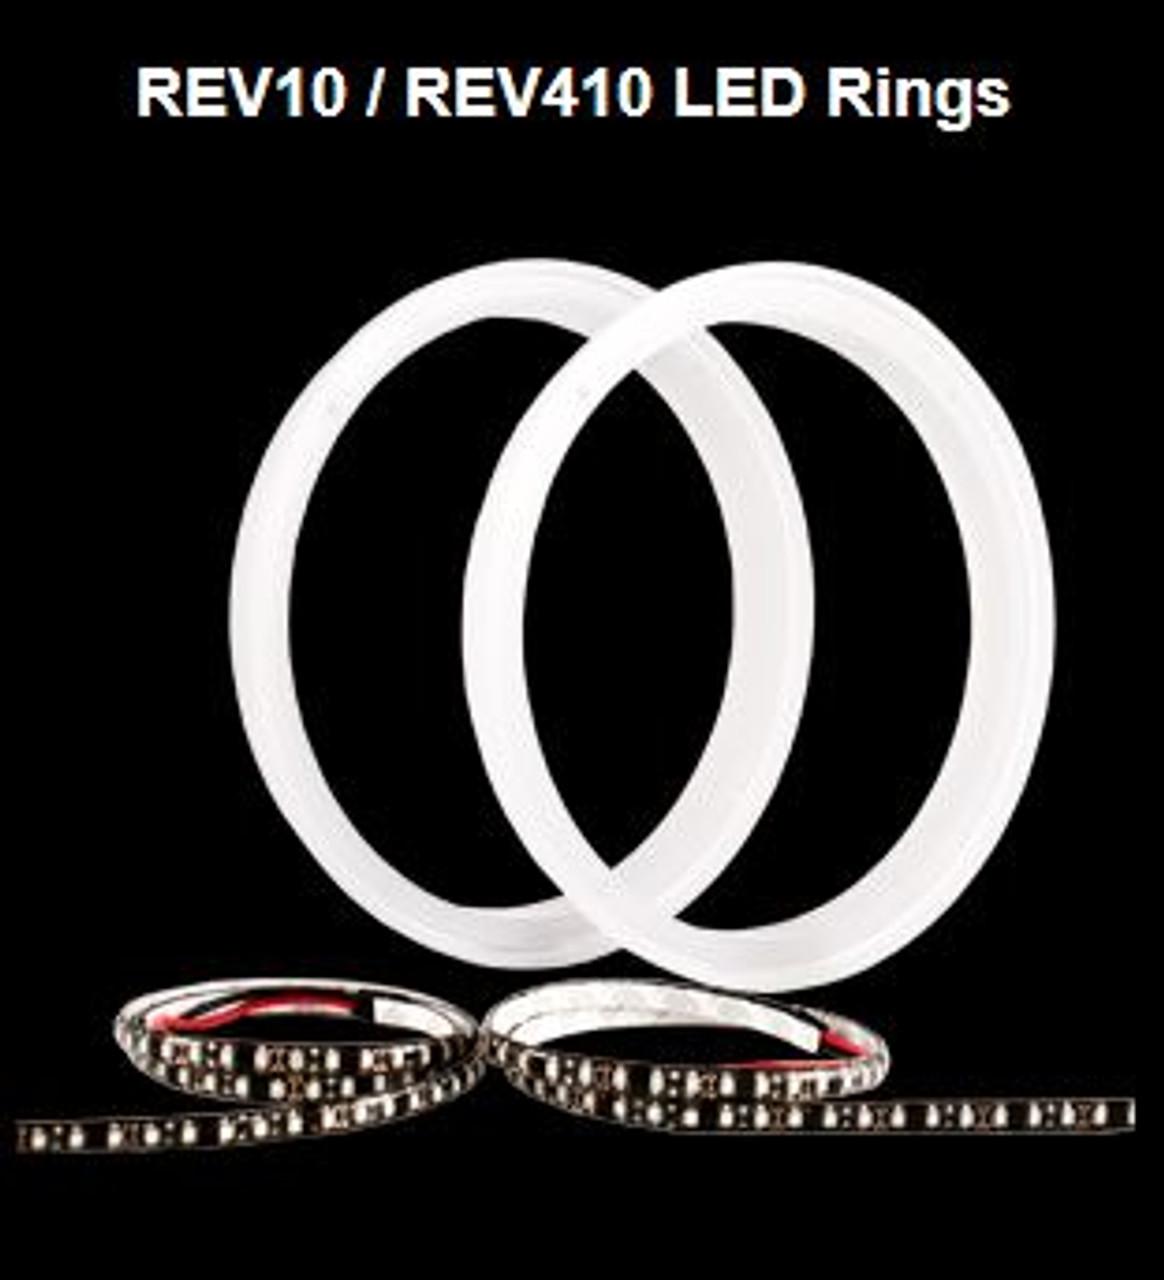 Rev 10 LED Rings